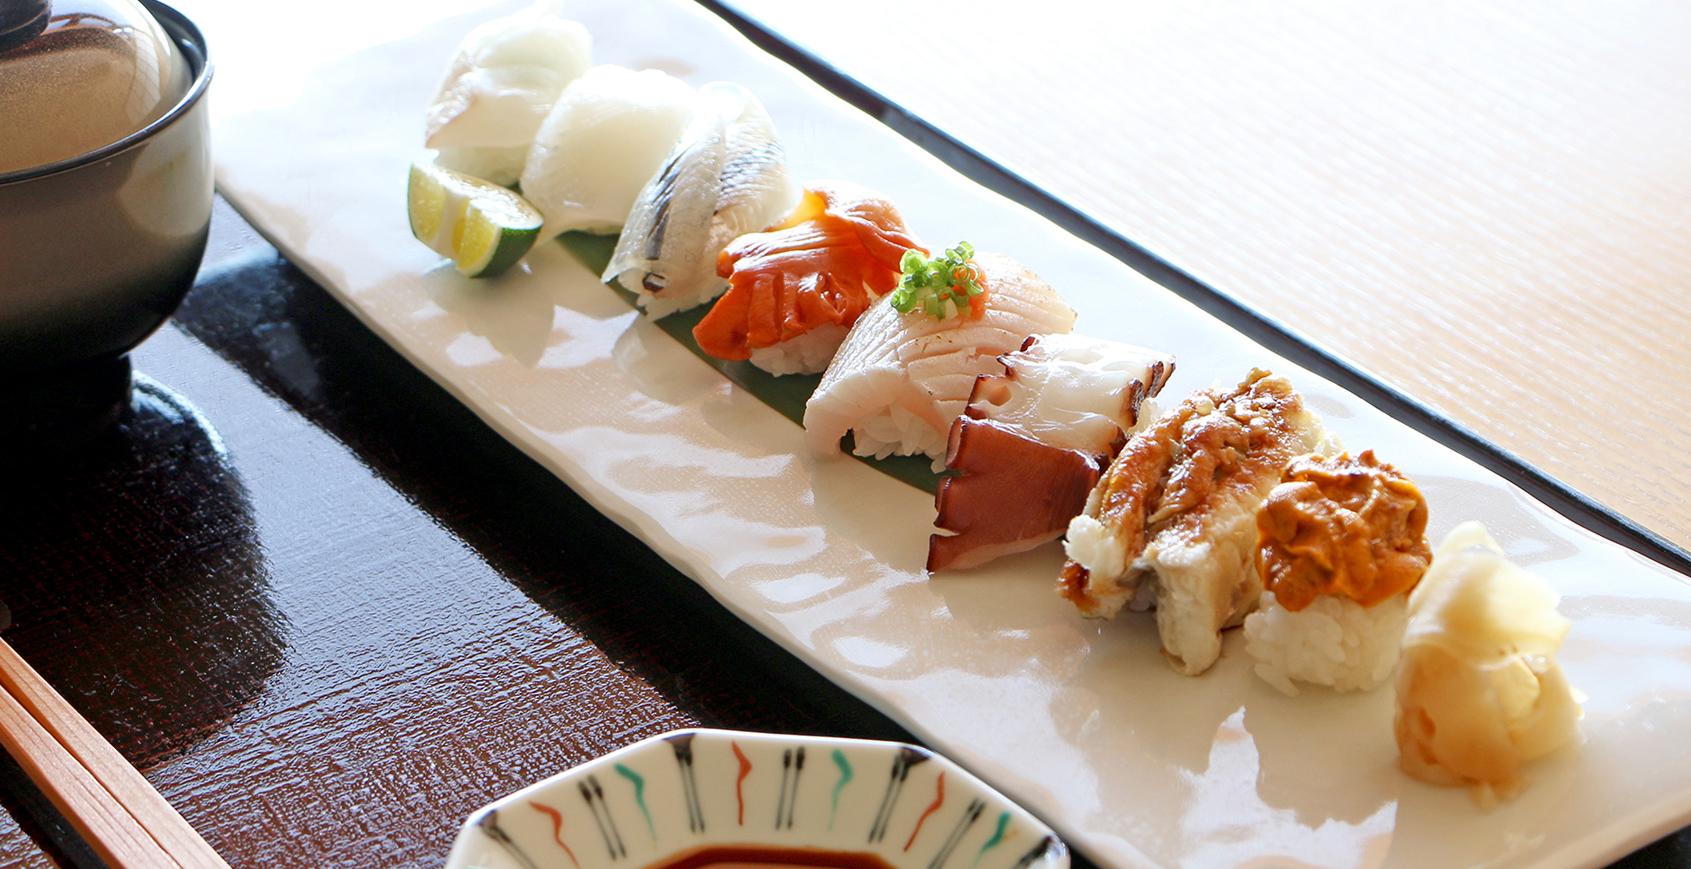 日本料理 鮨「阿那賀」のご昼食 厳選素材の新メニューが登場!